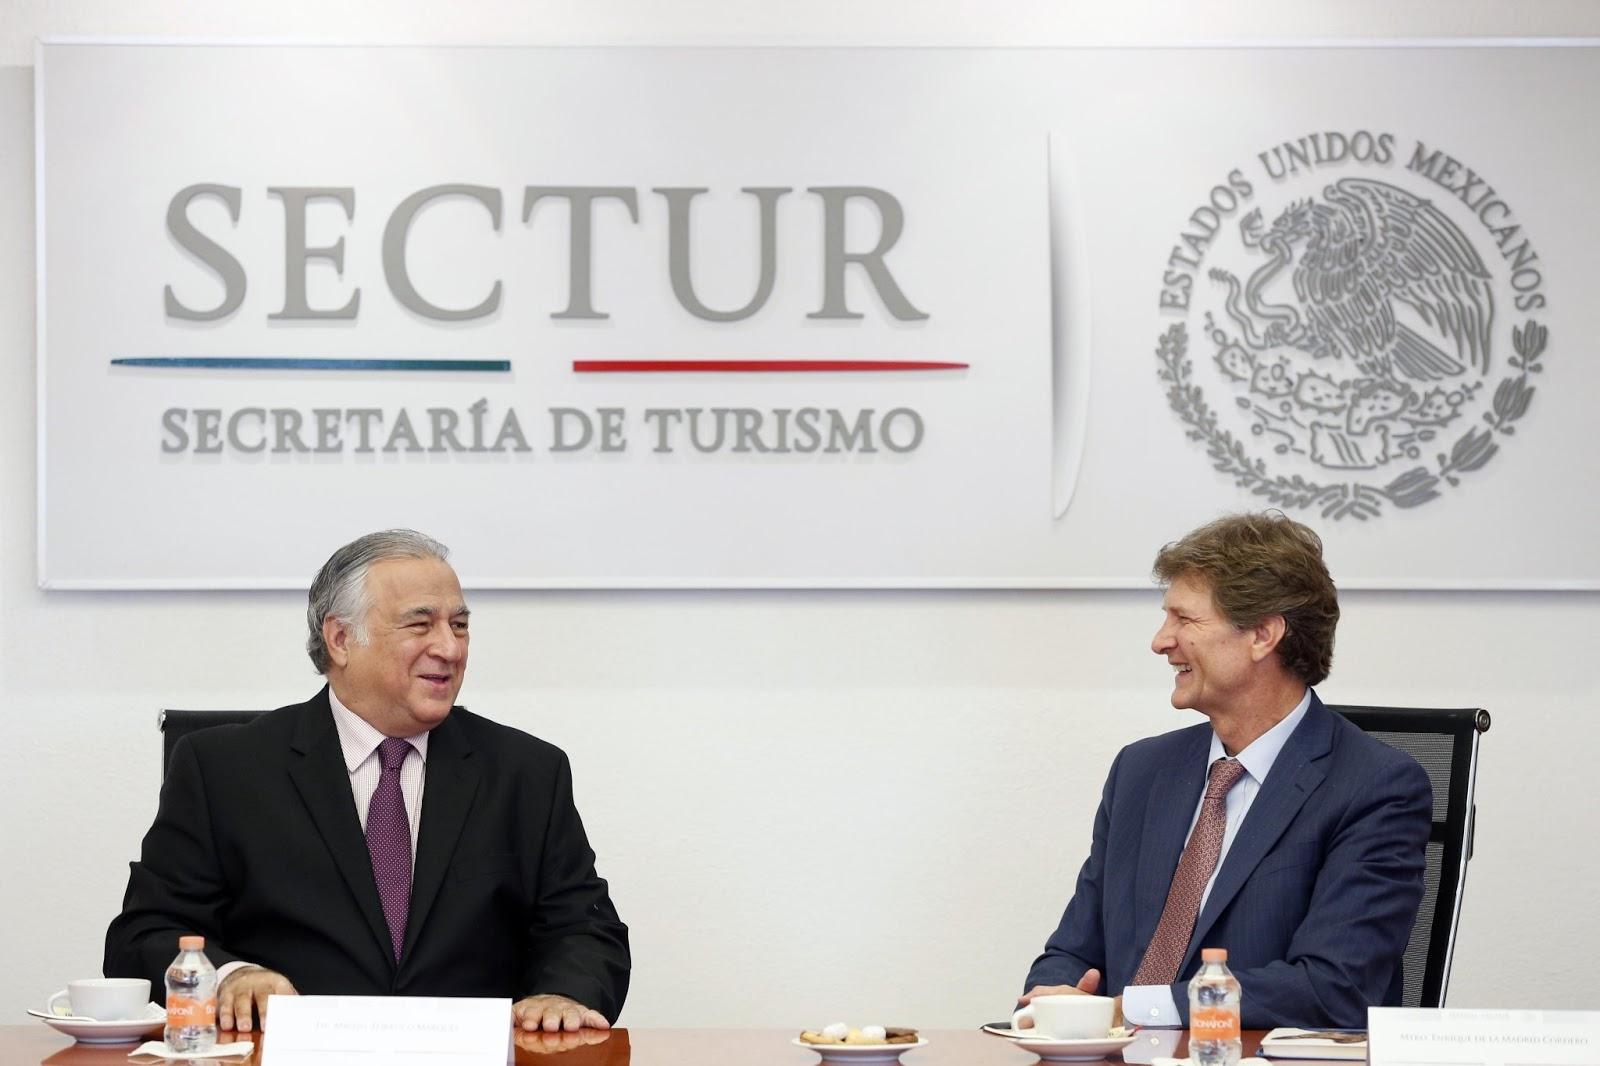 2019 AÑO DE CAMBIO O RETROCESO TURISMO 02